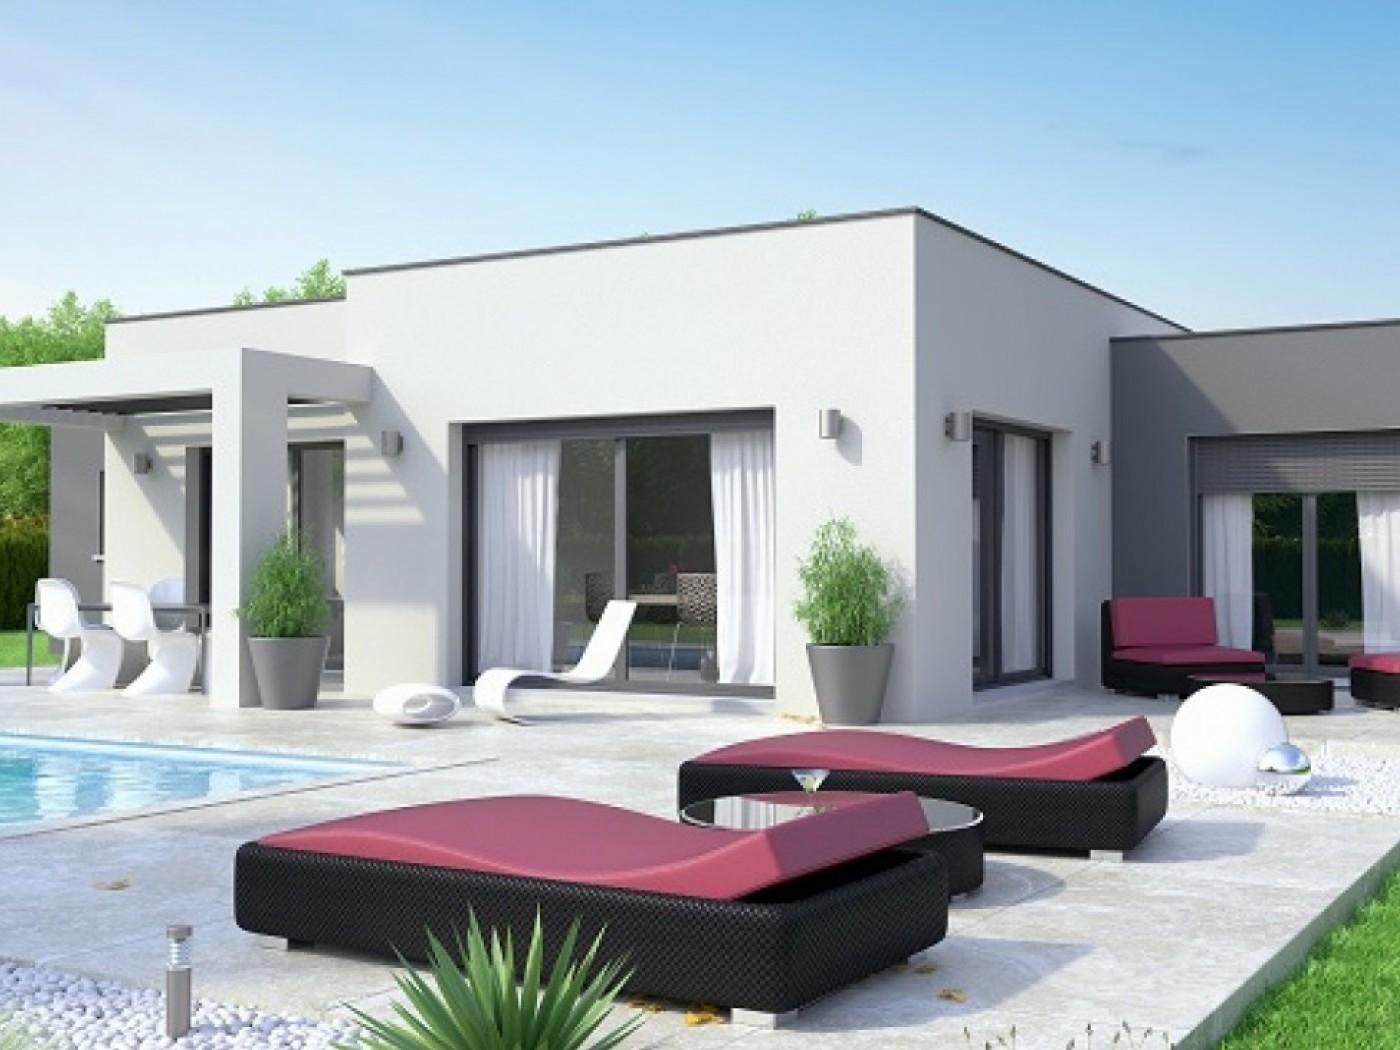 constructeur maison toit plat rhone alpes. Black Bedroom Furniture Sets. Home Design Ideas